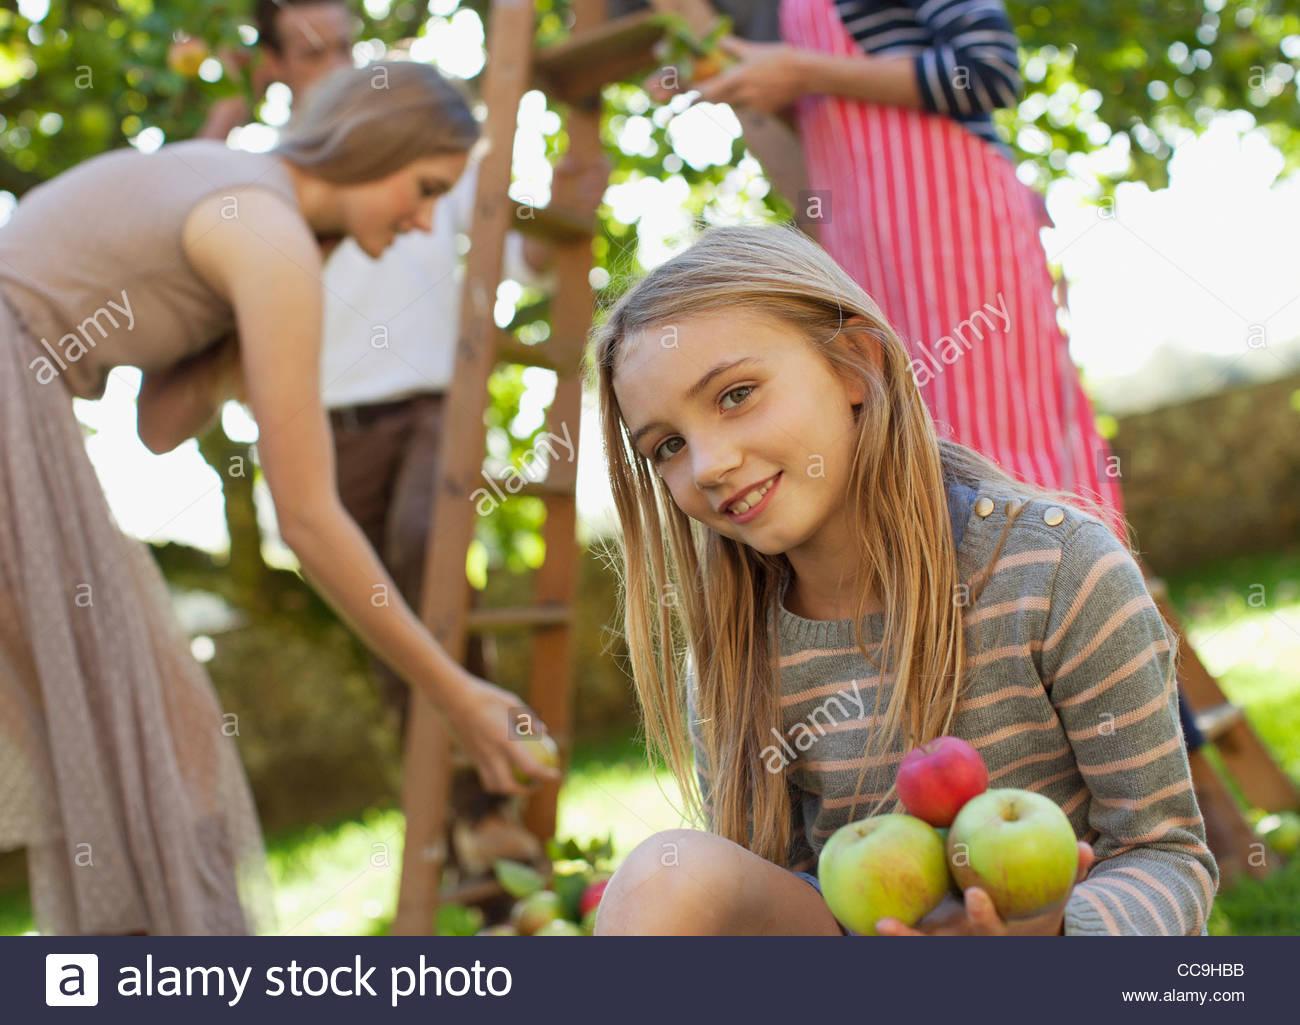 Ritratto di sorridente ragazza con le mele nel frutteto Immagini Stock